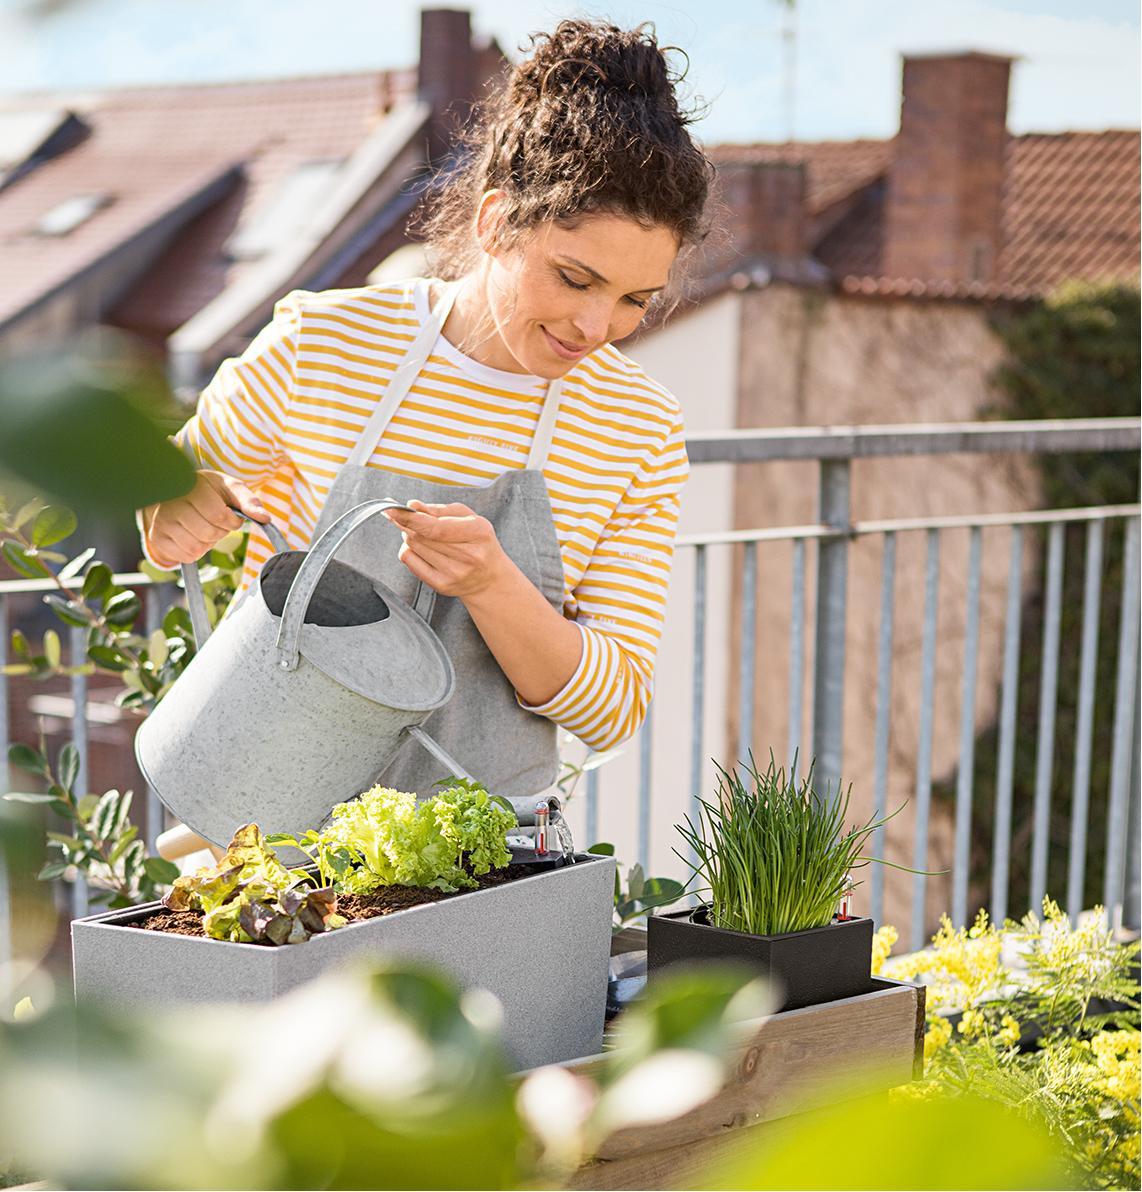 Μια γυναίκα χύνει το μαρούλι που φυτεύτηκε